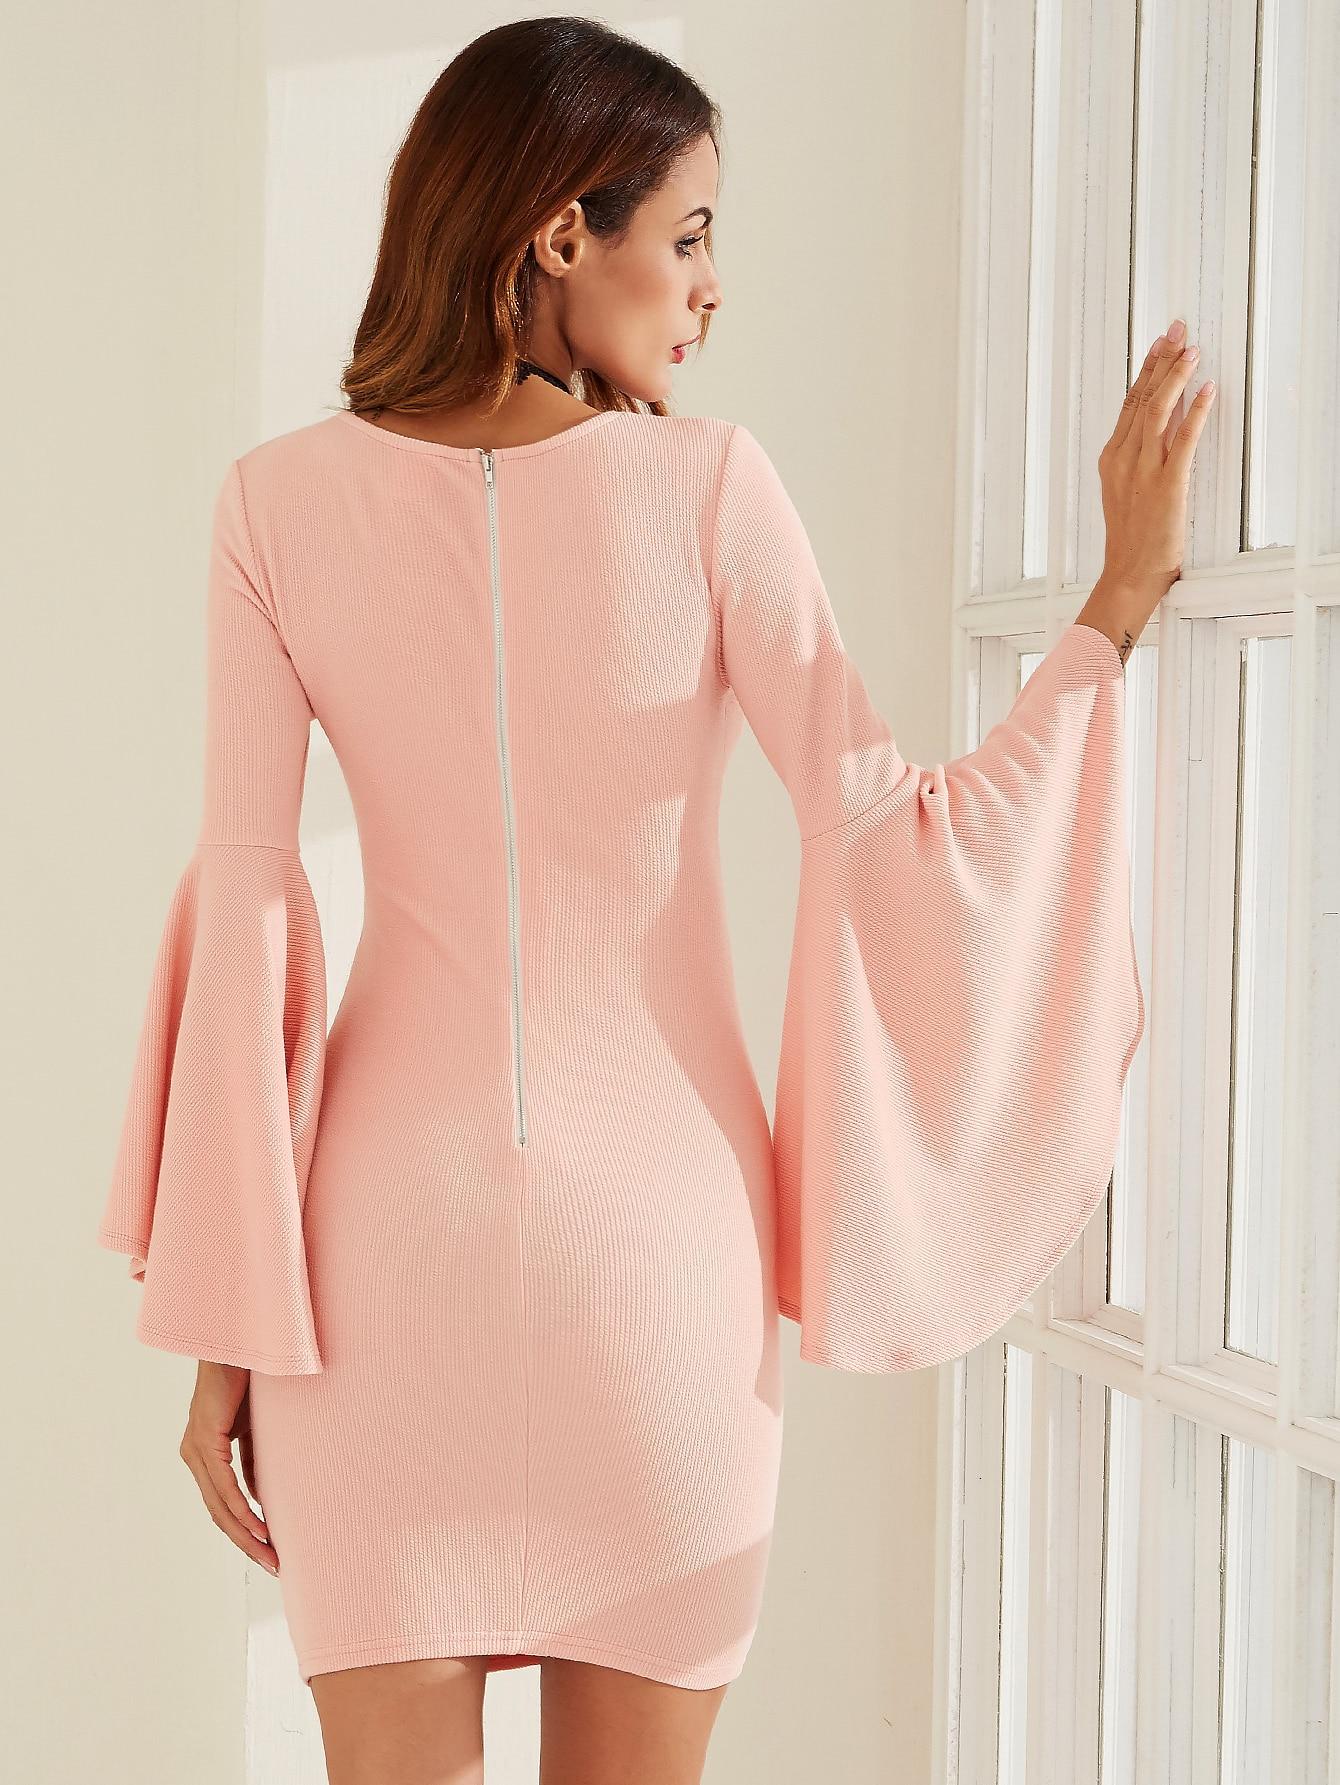 dress160823701_2